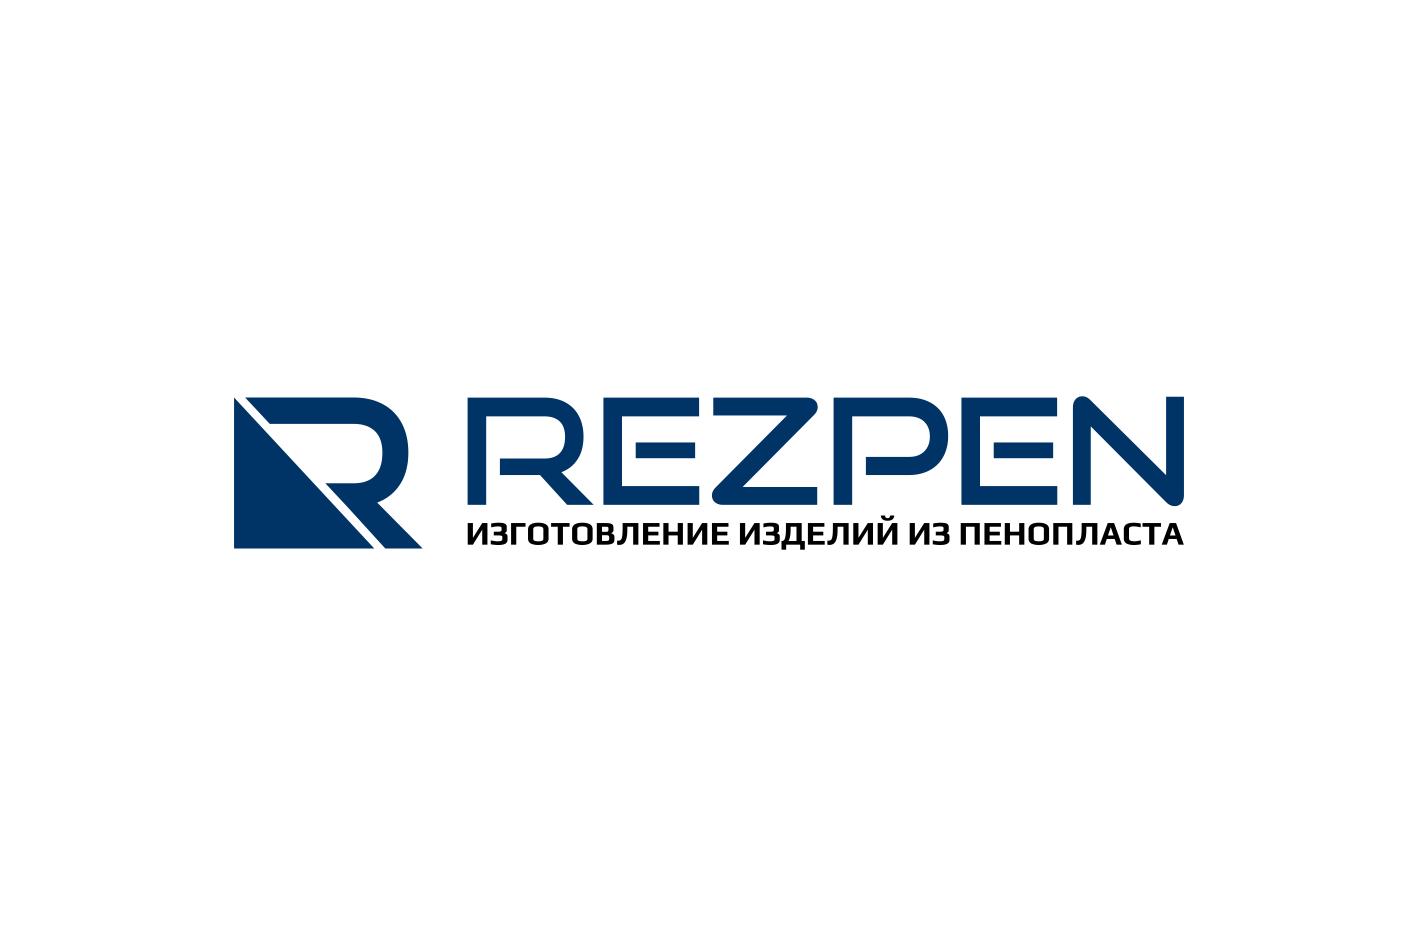 Редизайн логотипа фото f_7755a4ba30af3210.png